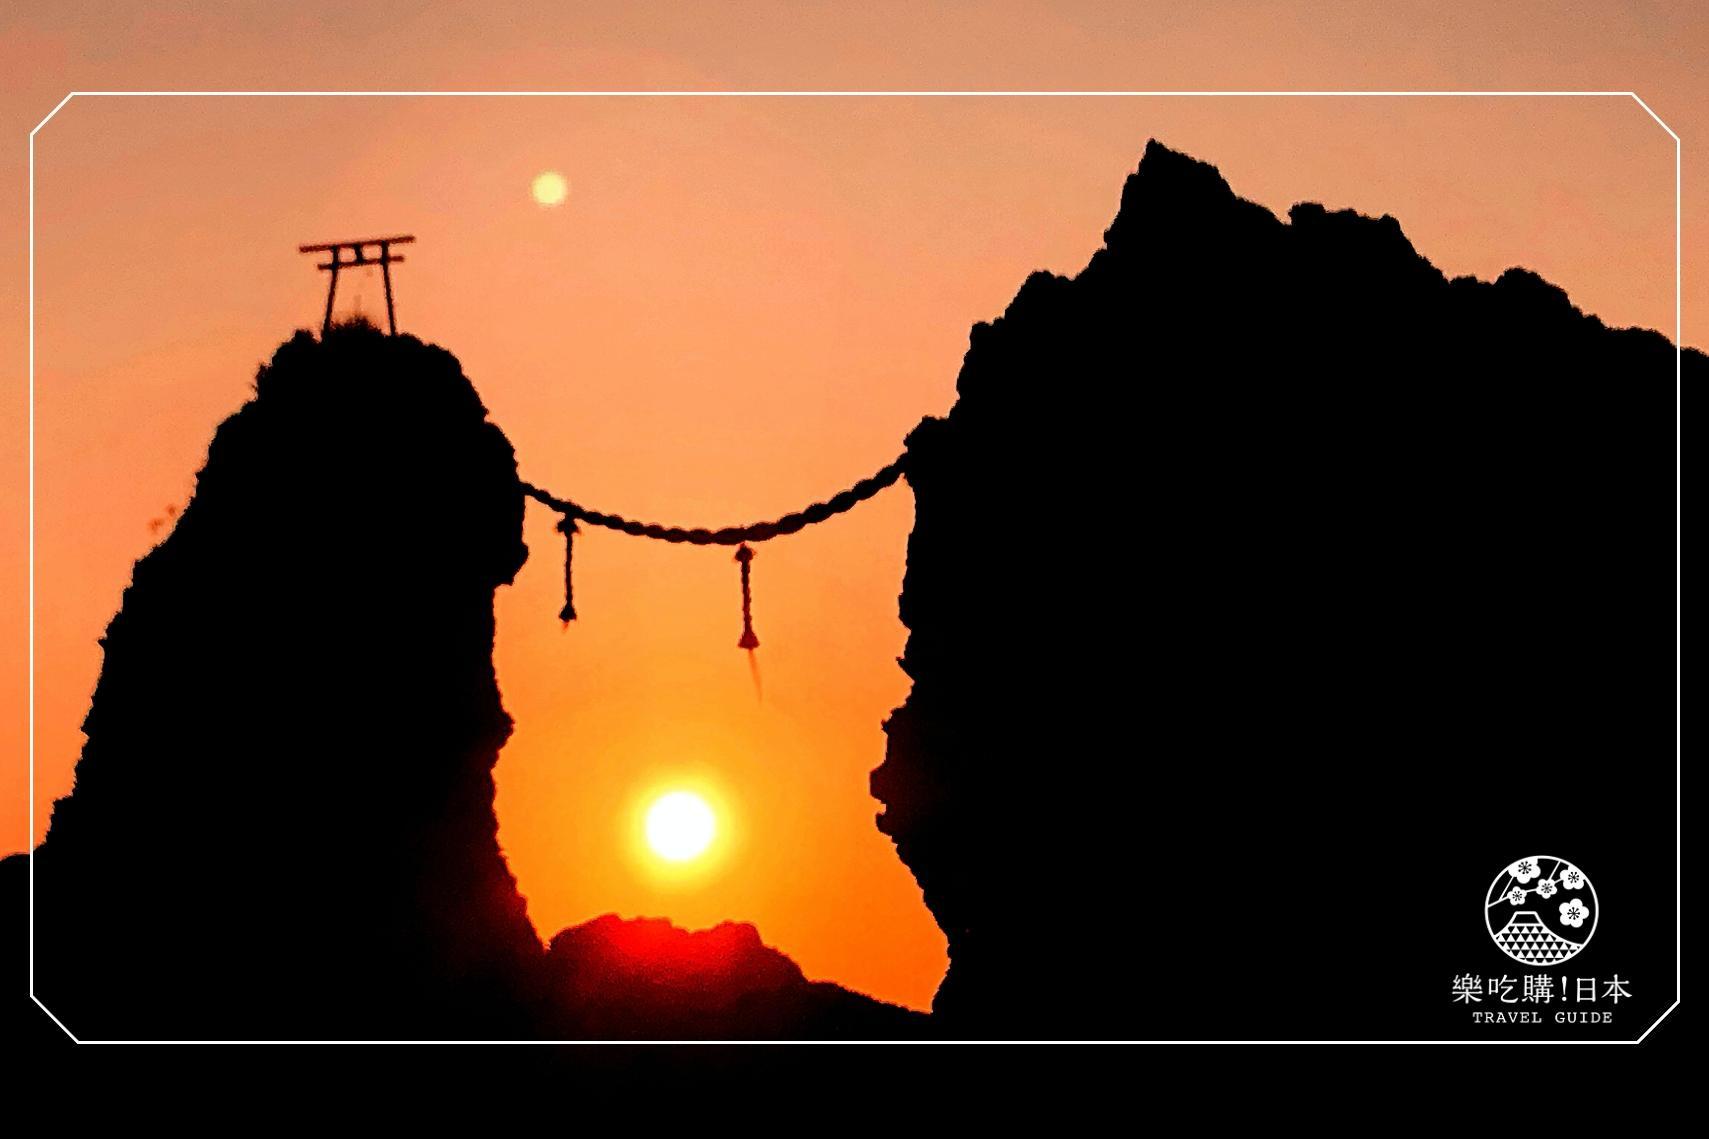 推薦計畫自駕旅行的你:軍艦島、伊王島追風之旅,海景、夕陽美景一次蒐集!-0